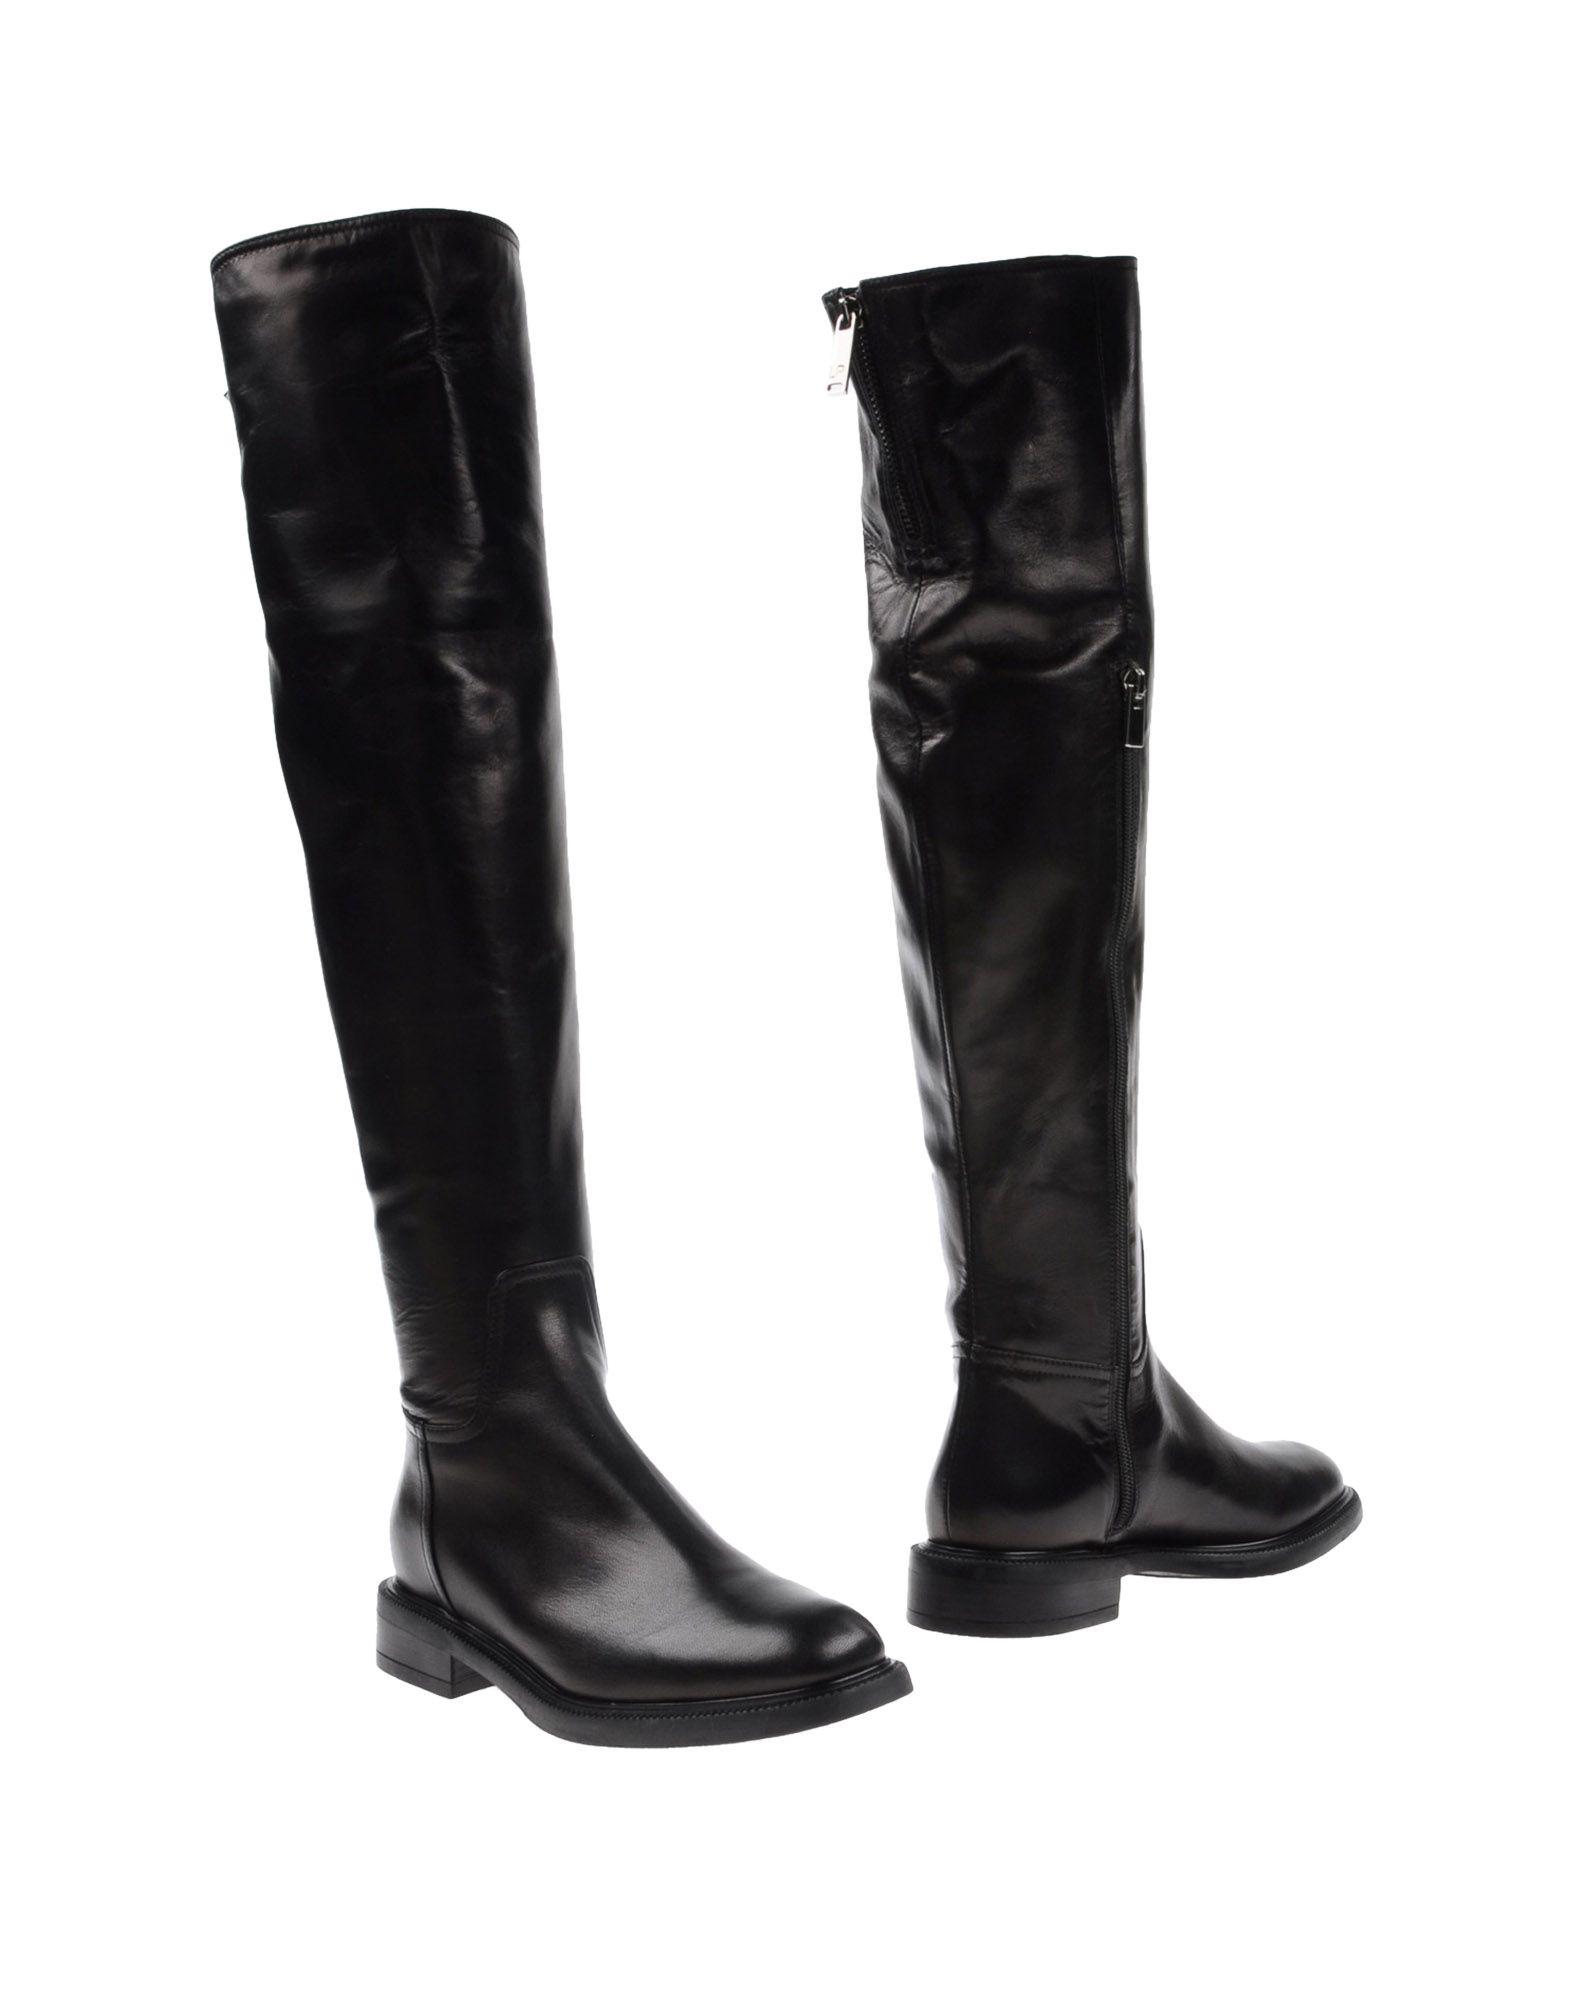 Loretta Pettinari Stiefel Damen  Schuhe 11312255DW Beliebte Schuhe  6c70fb